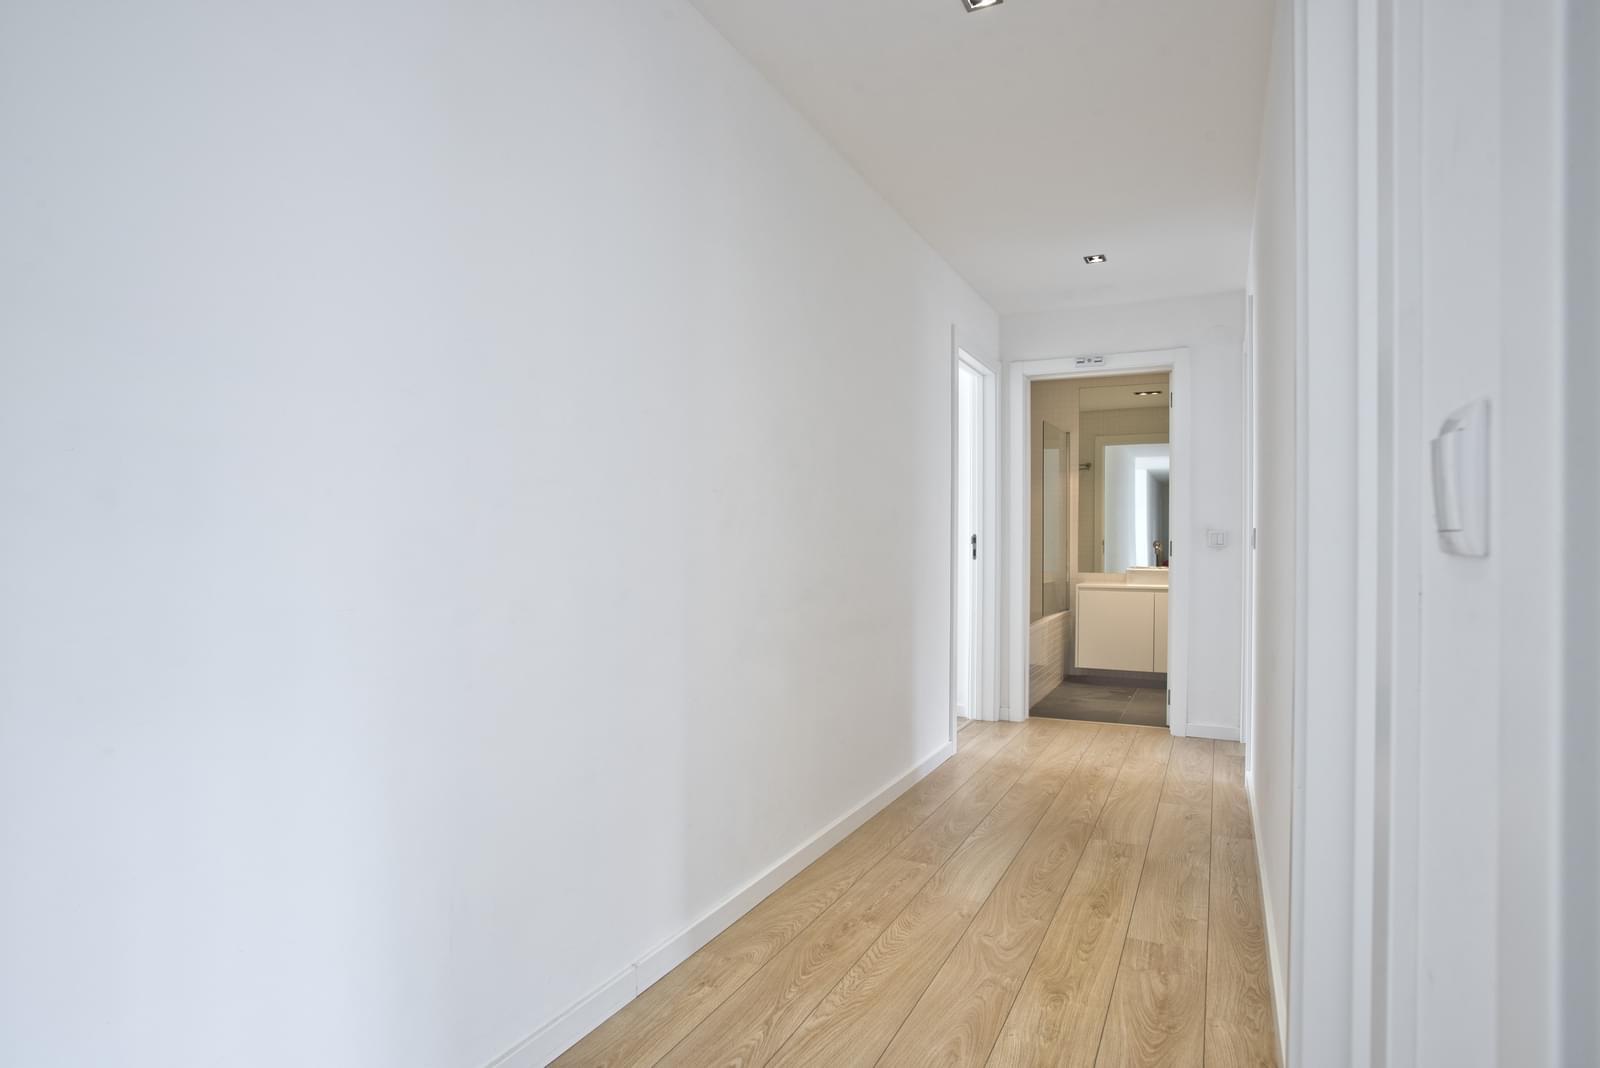 pf13975-apartamento-t4-oeiras-e2459fa4-4beb-483d-8fda-f6194d2716b7